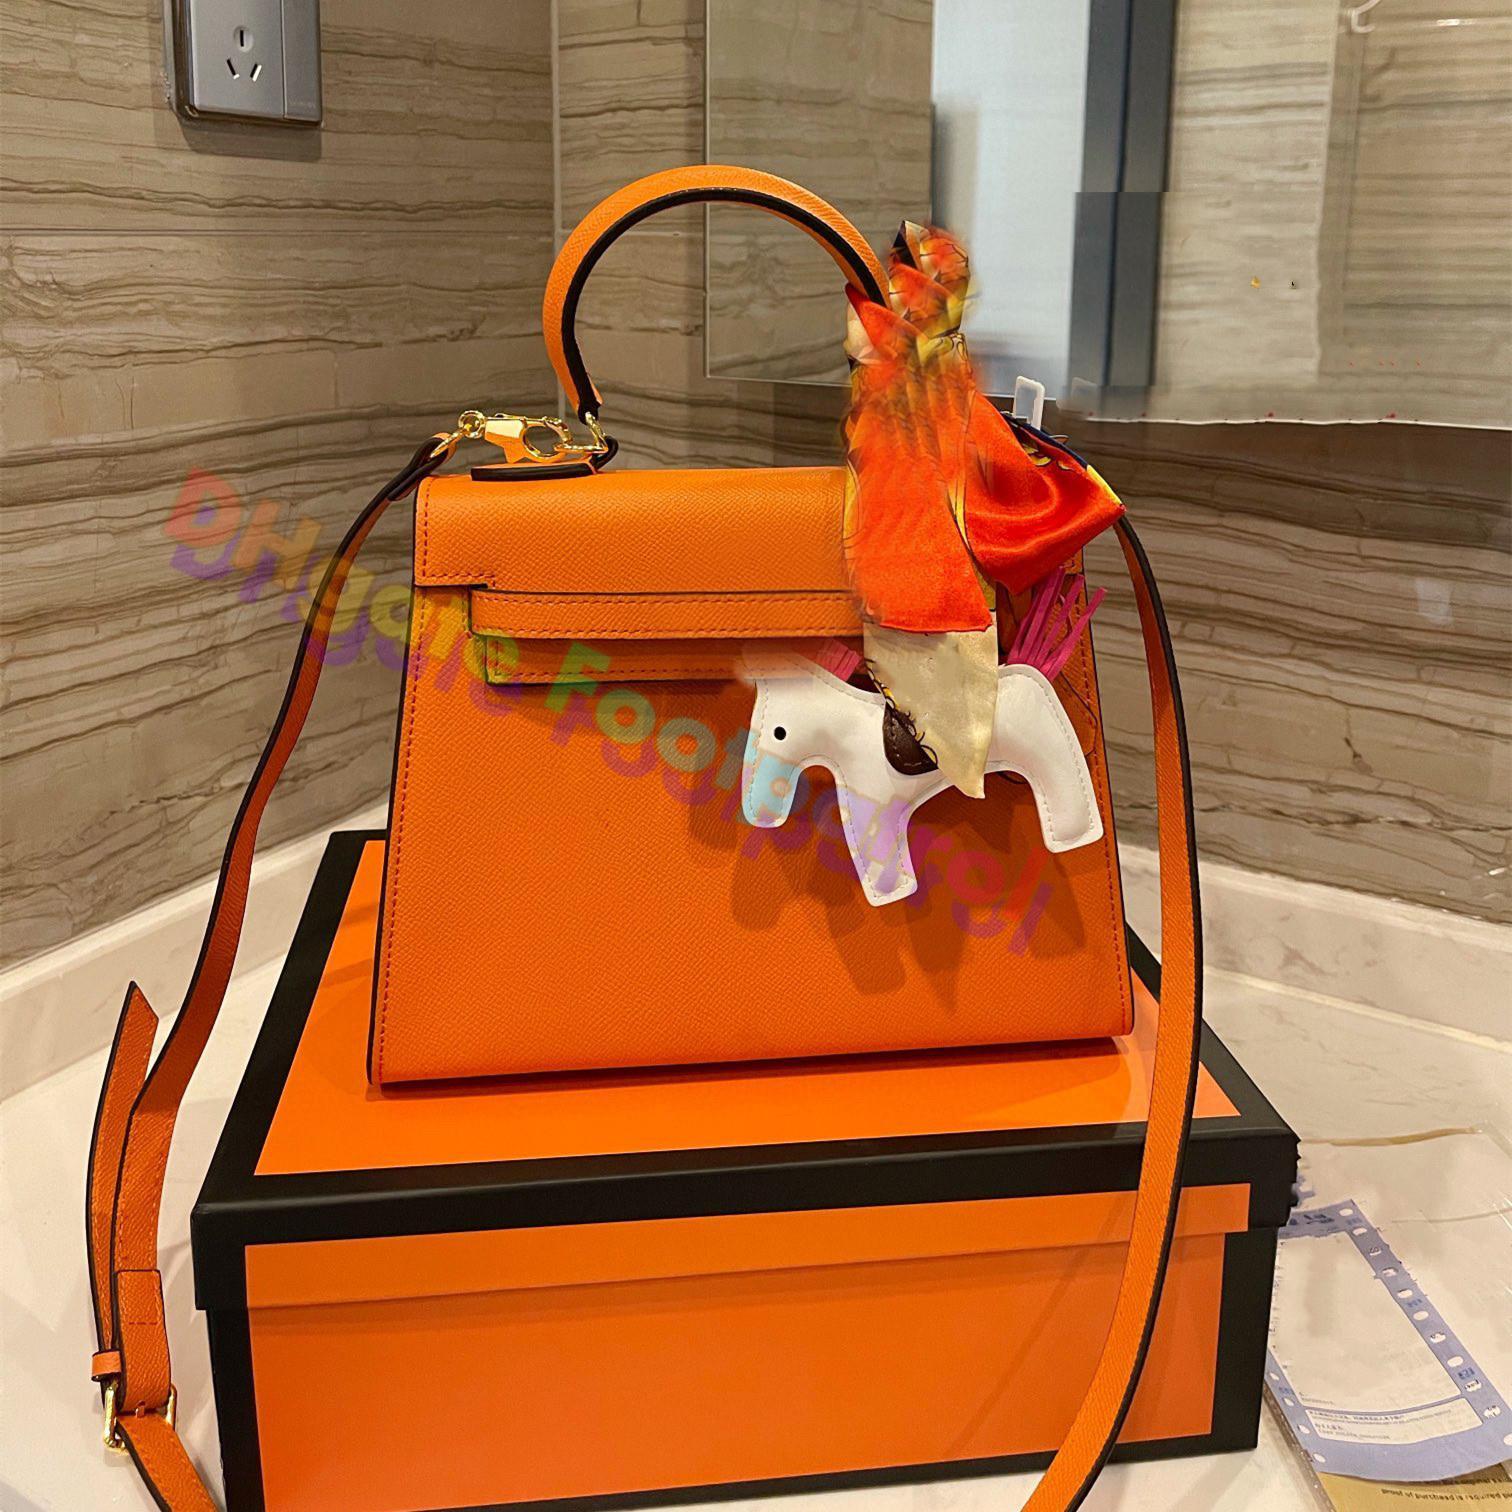 Moda Yüksek dereceli Vintage Tote Çanta Deri Çapraz Vücut Çanta 2021 Luxurys Tasarımcılar Bir Omuz Çantaları Tote Messenger Kadın Çanta Debriyaj Çanta Cüzdan Cebi